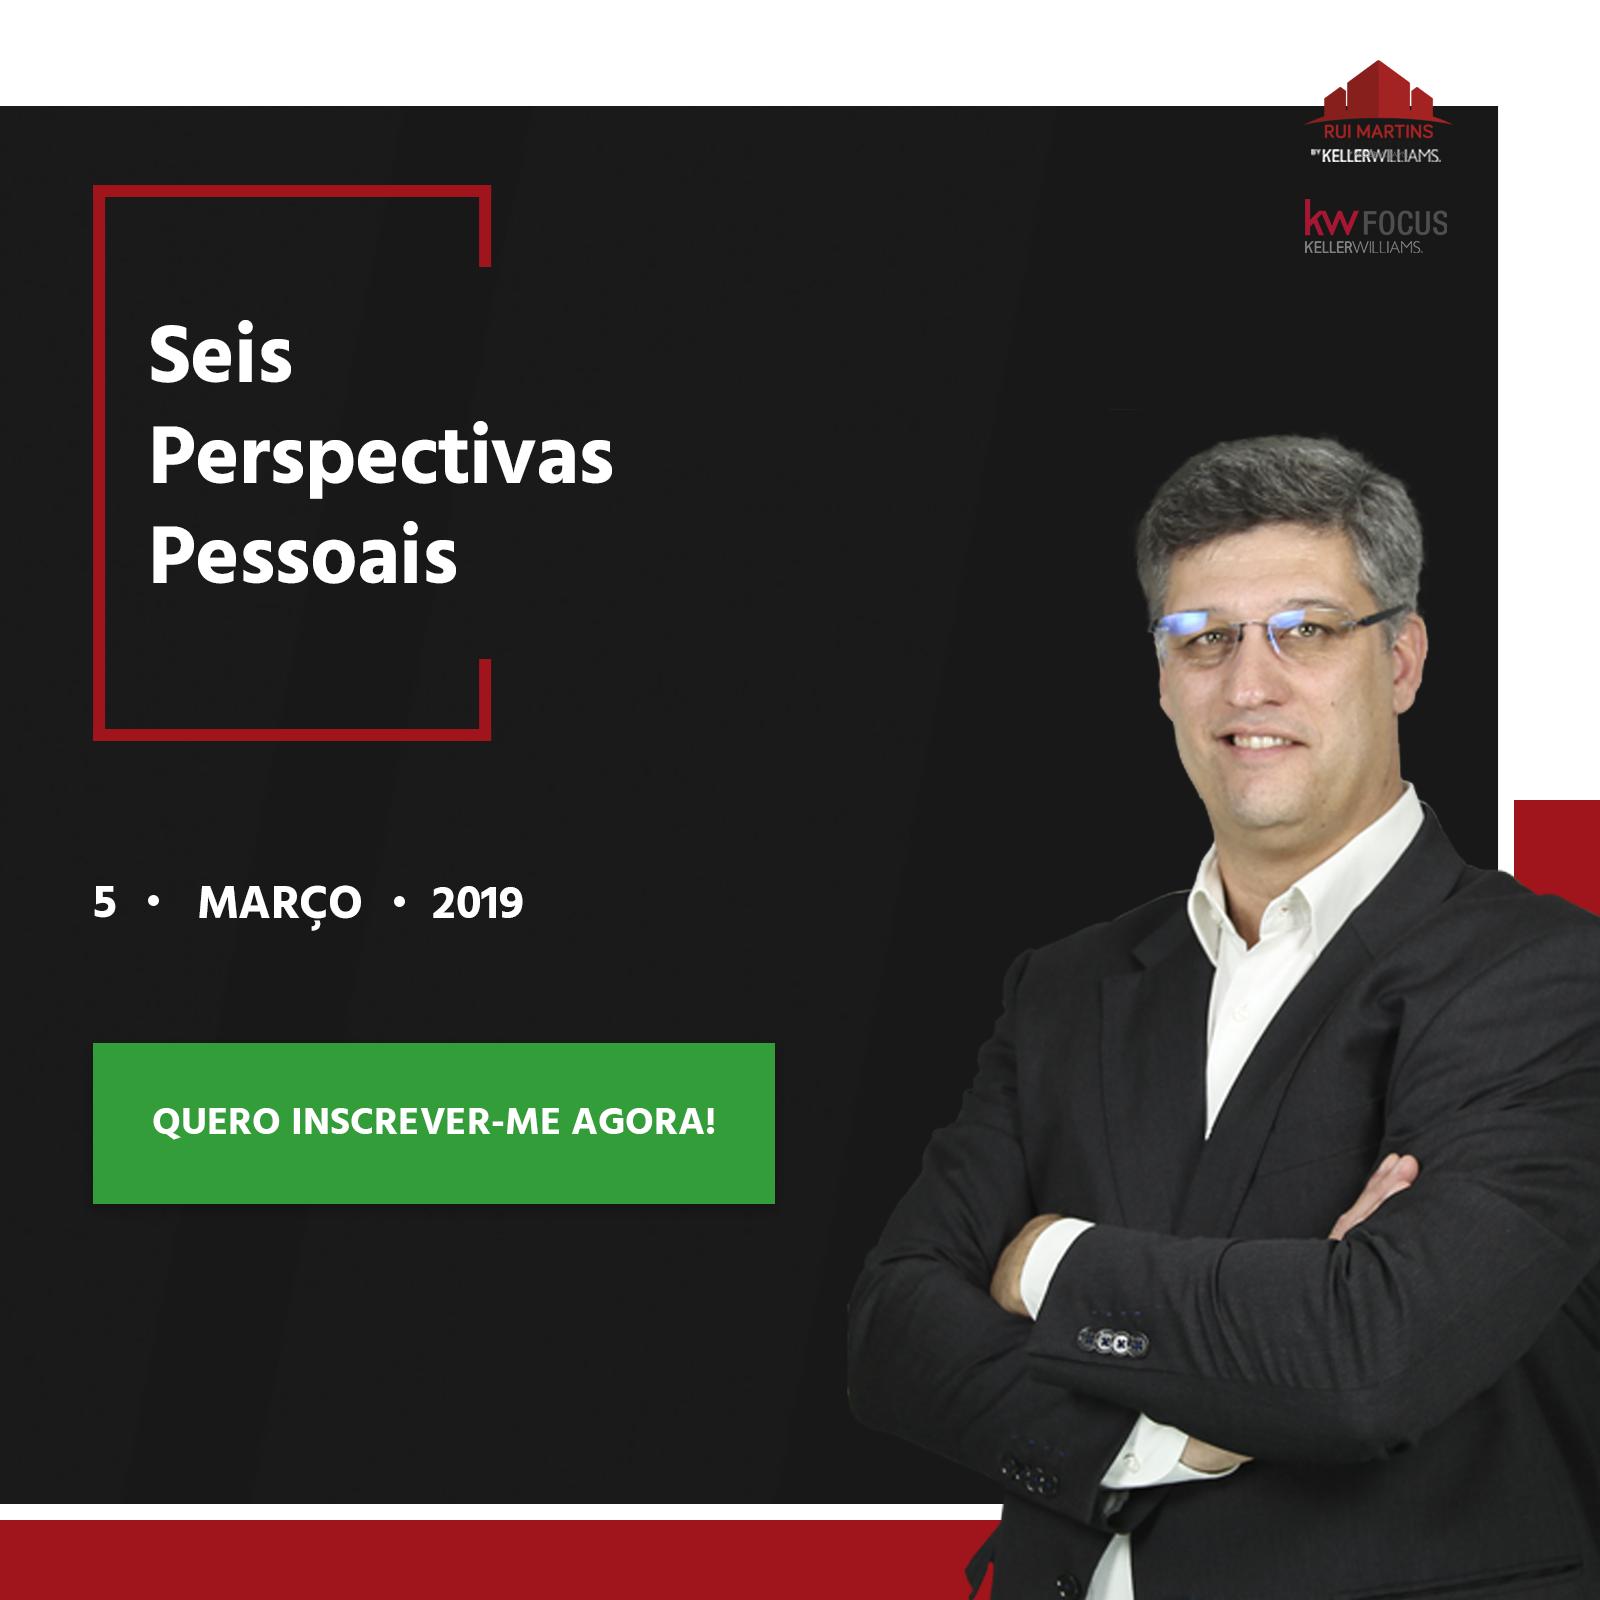 evento_5 MARÇO